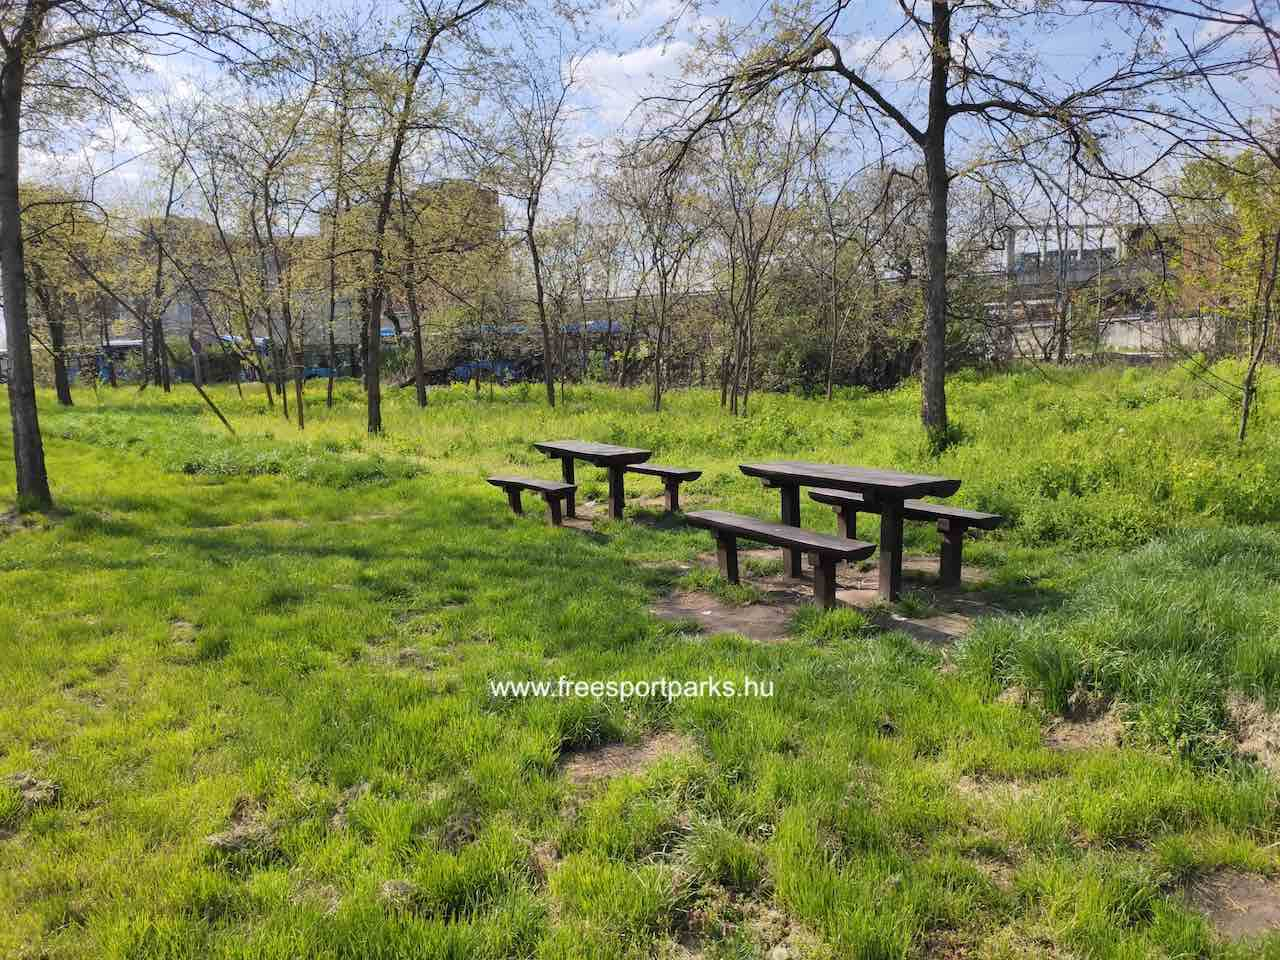 Kúttói parkerdő sakkozásra alkalmas asztalok - Free Sport Parks térkép